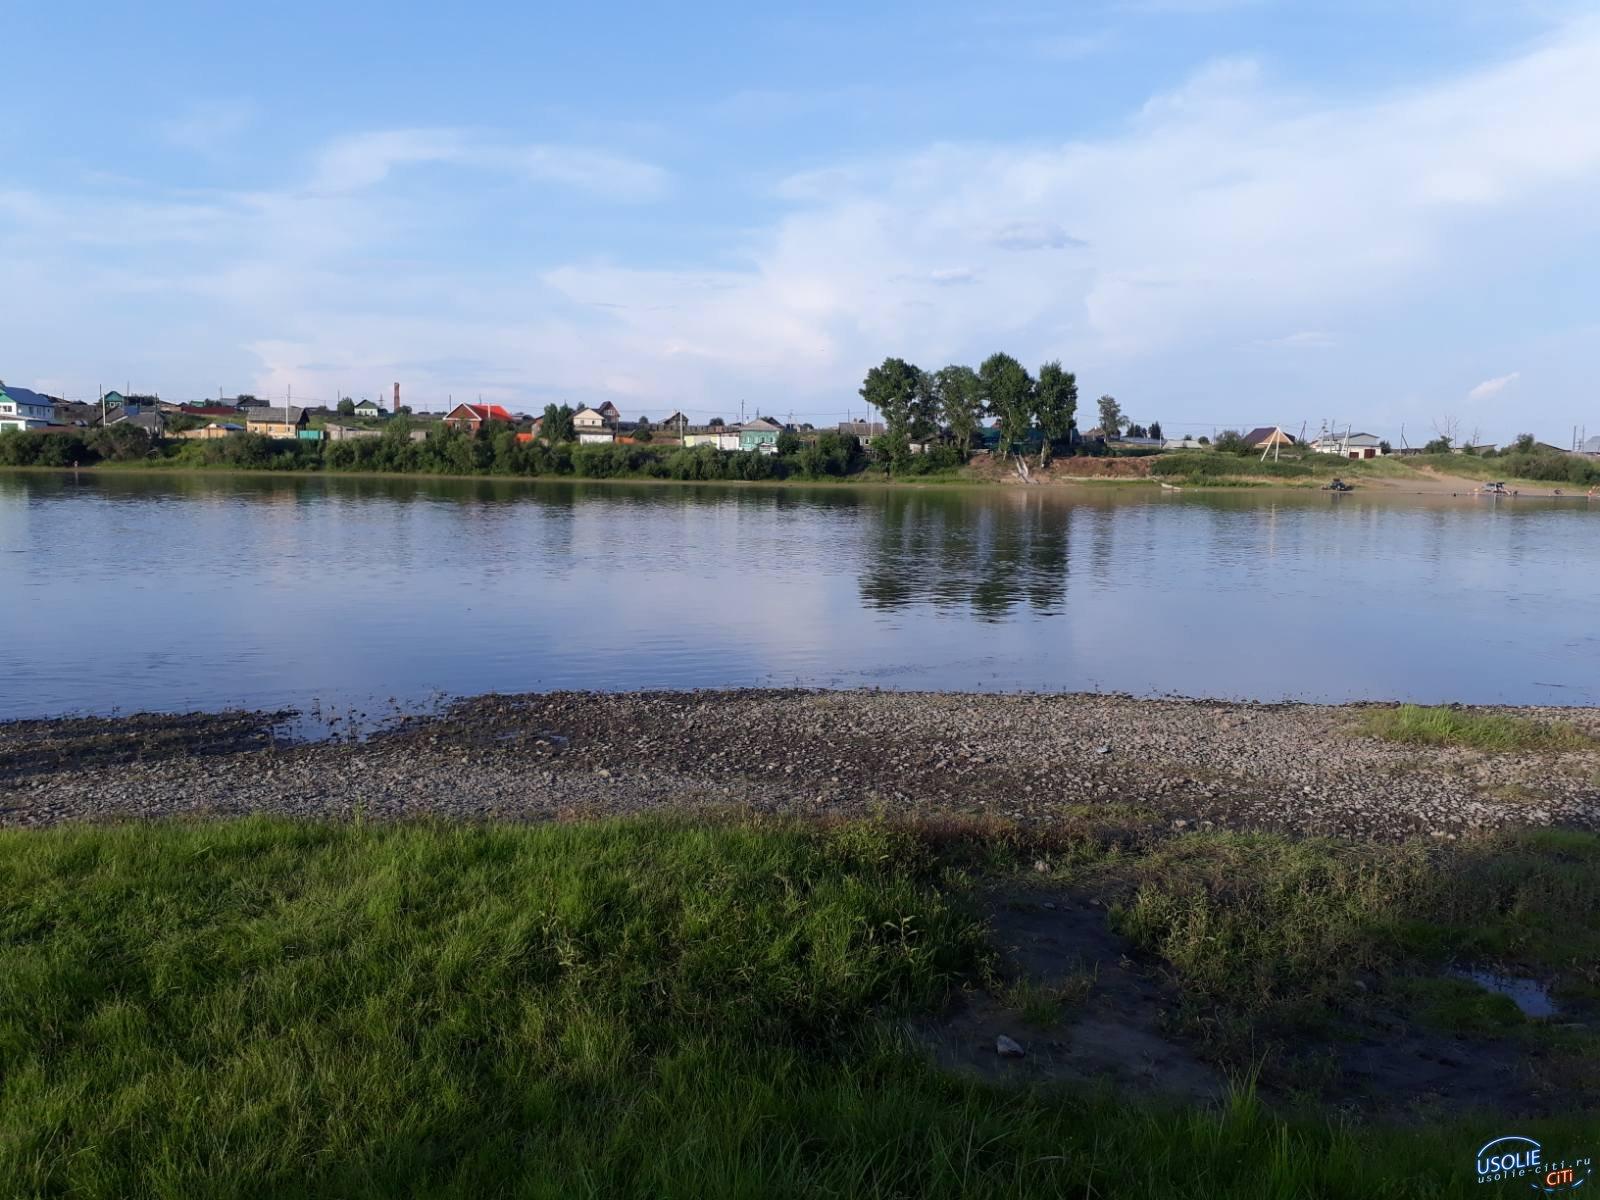 Мужчина не смог на спор переплыть реку в Усольском районе и утонул